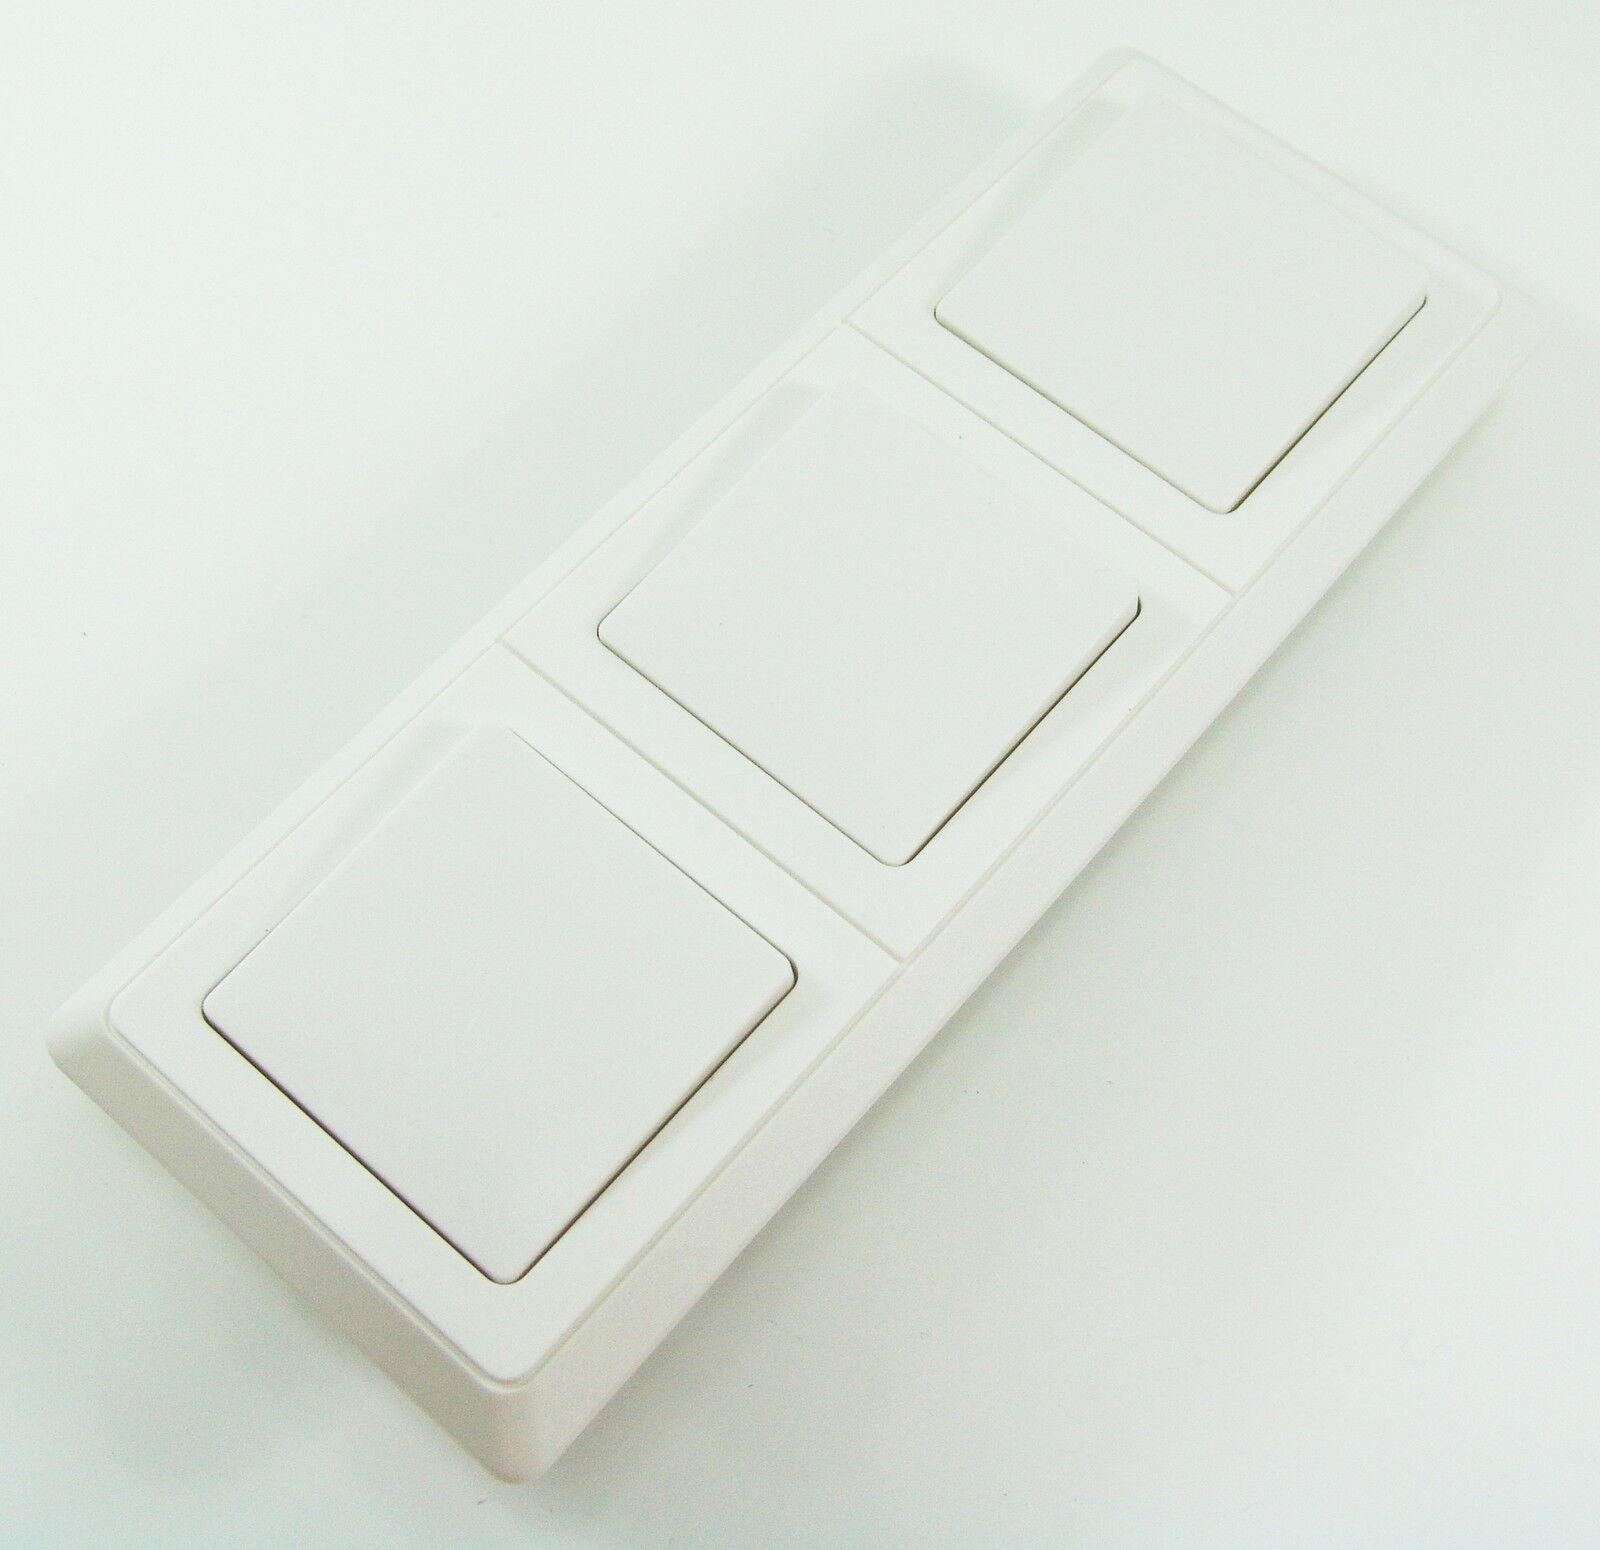 REV Düwi PrimaLuxe Weiß Lichtschalter Schalt TASTER Wechselschalter + 3er Rahmen | Smart